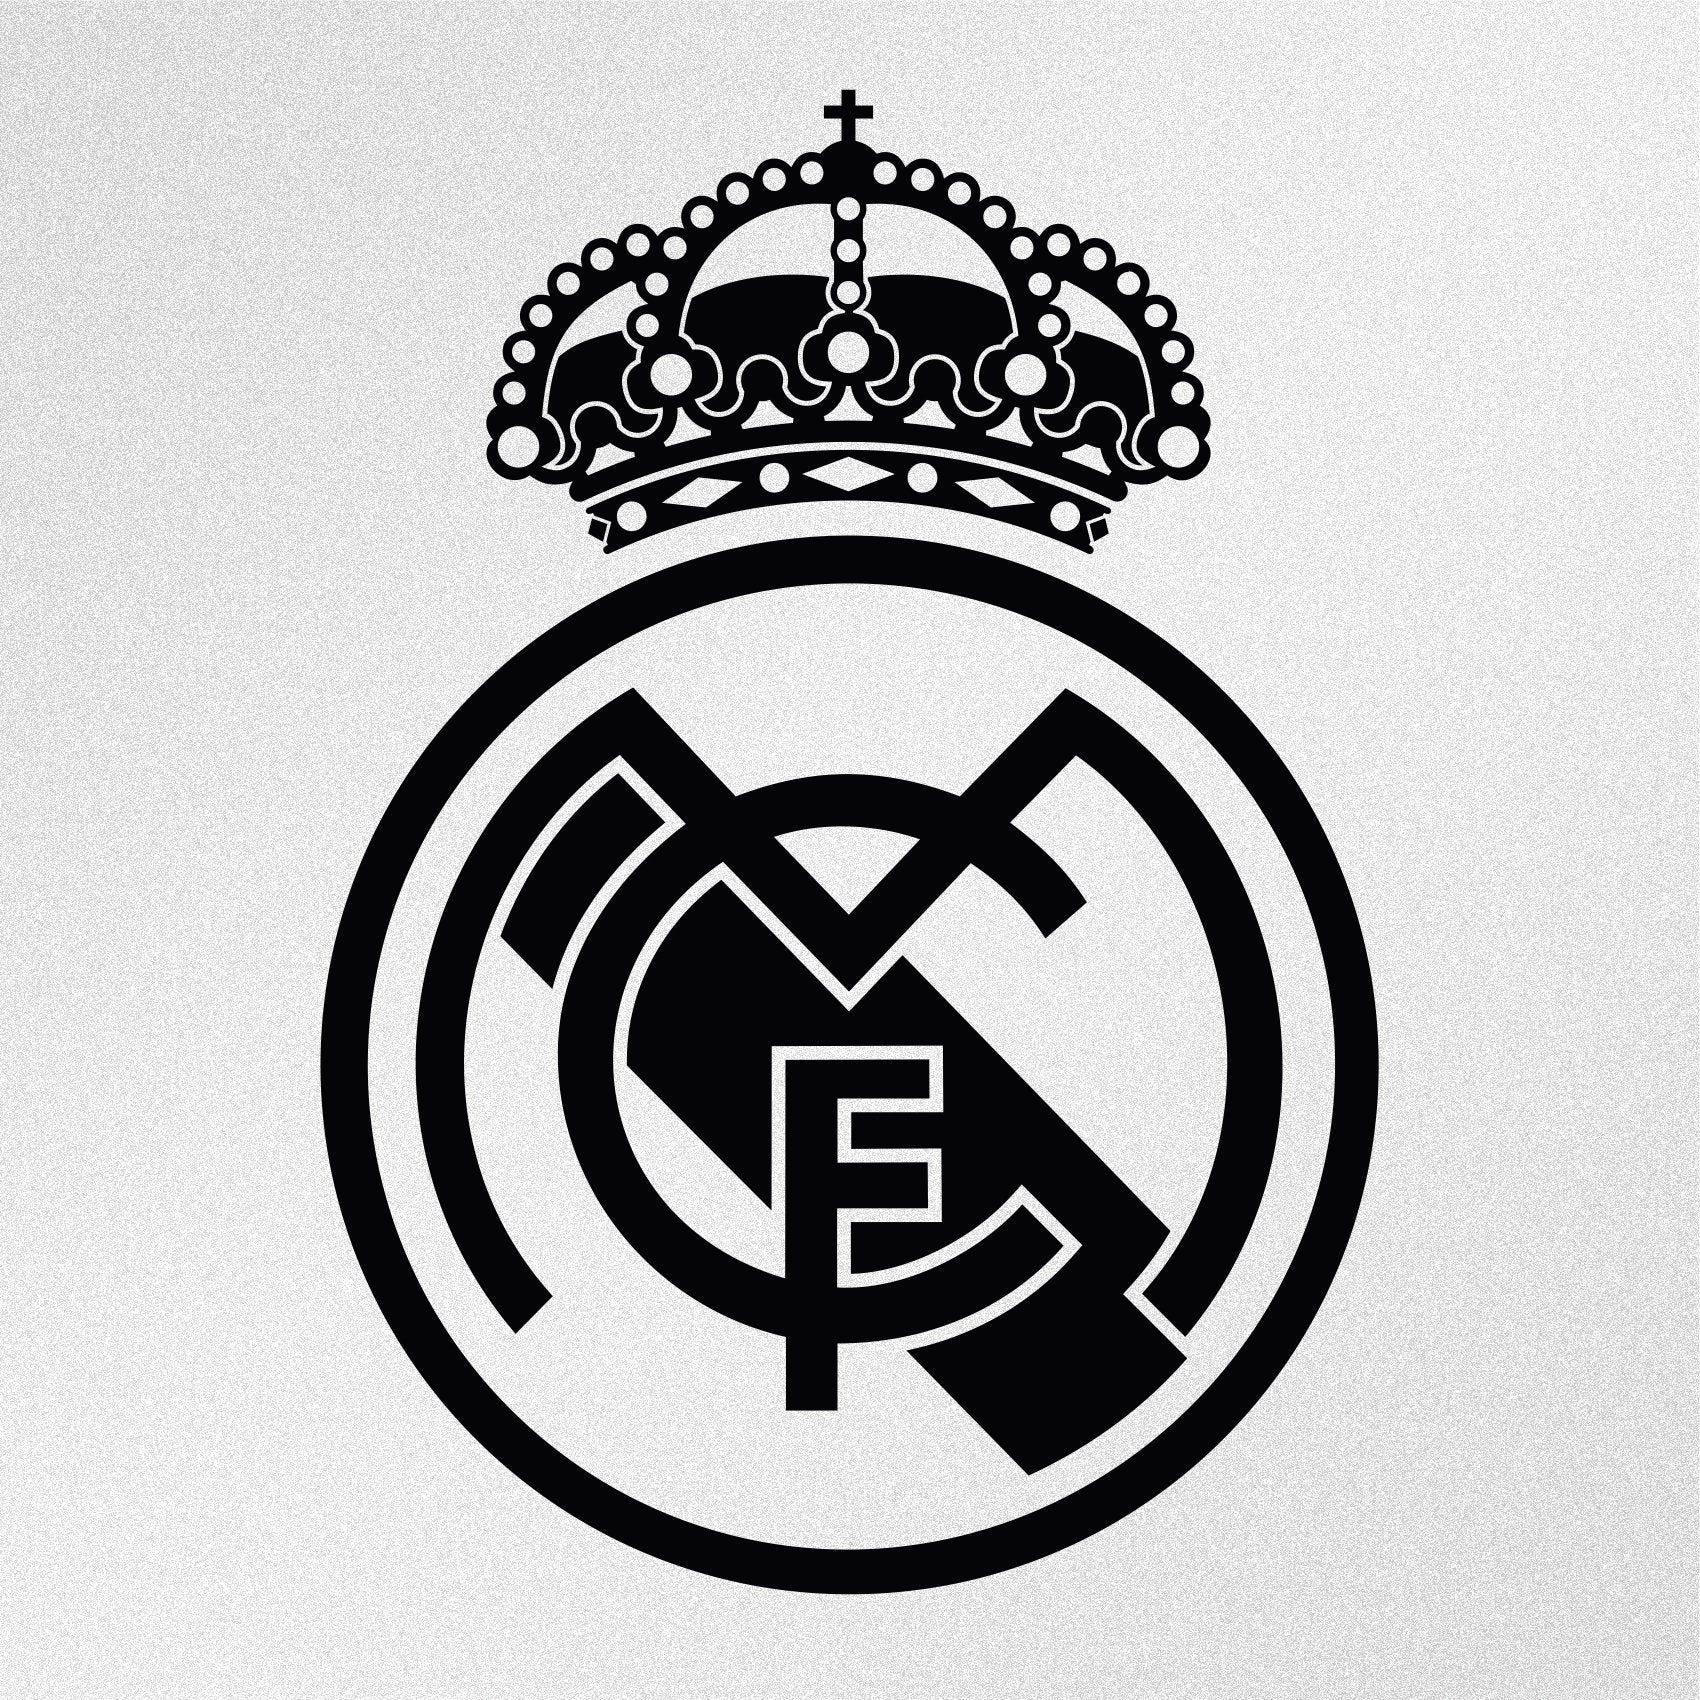 Real Madrid Logo Vinyl Decal Sticker Fondos De Pantalla Real Madrid Imagenes De Real Madrid Imprimibles Real Madrid